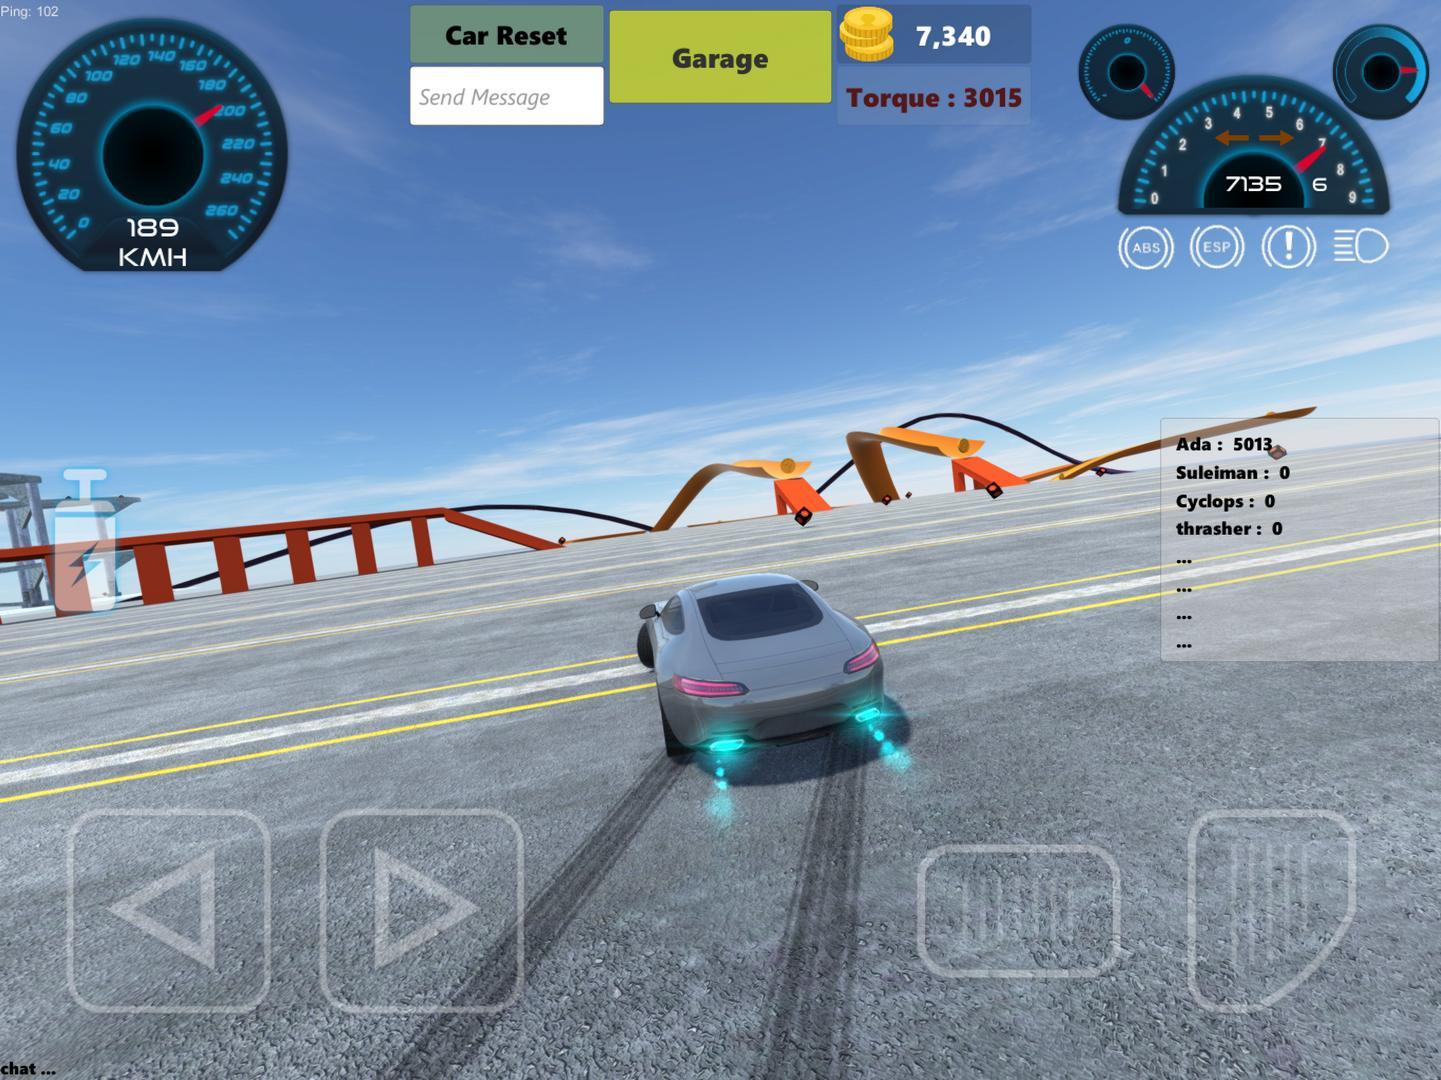 Traffic.io Jeux De Voiture En Ligne Automobile Pour Android encequiconcerne Jeux De Voiture Online